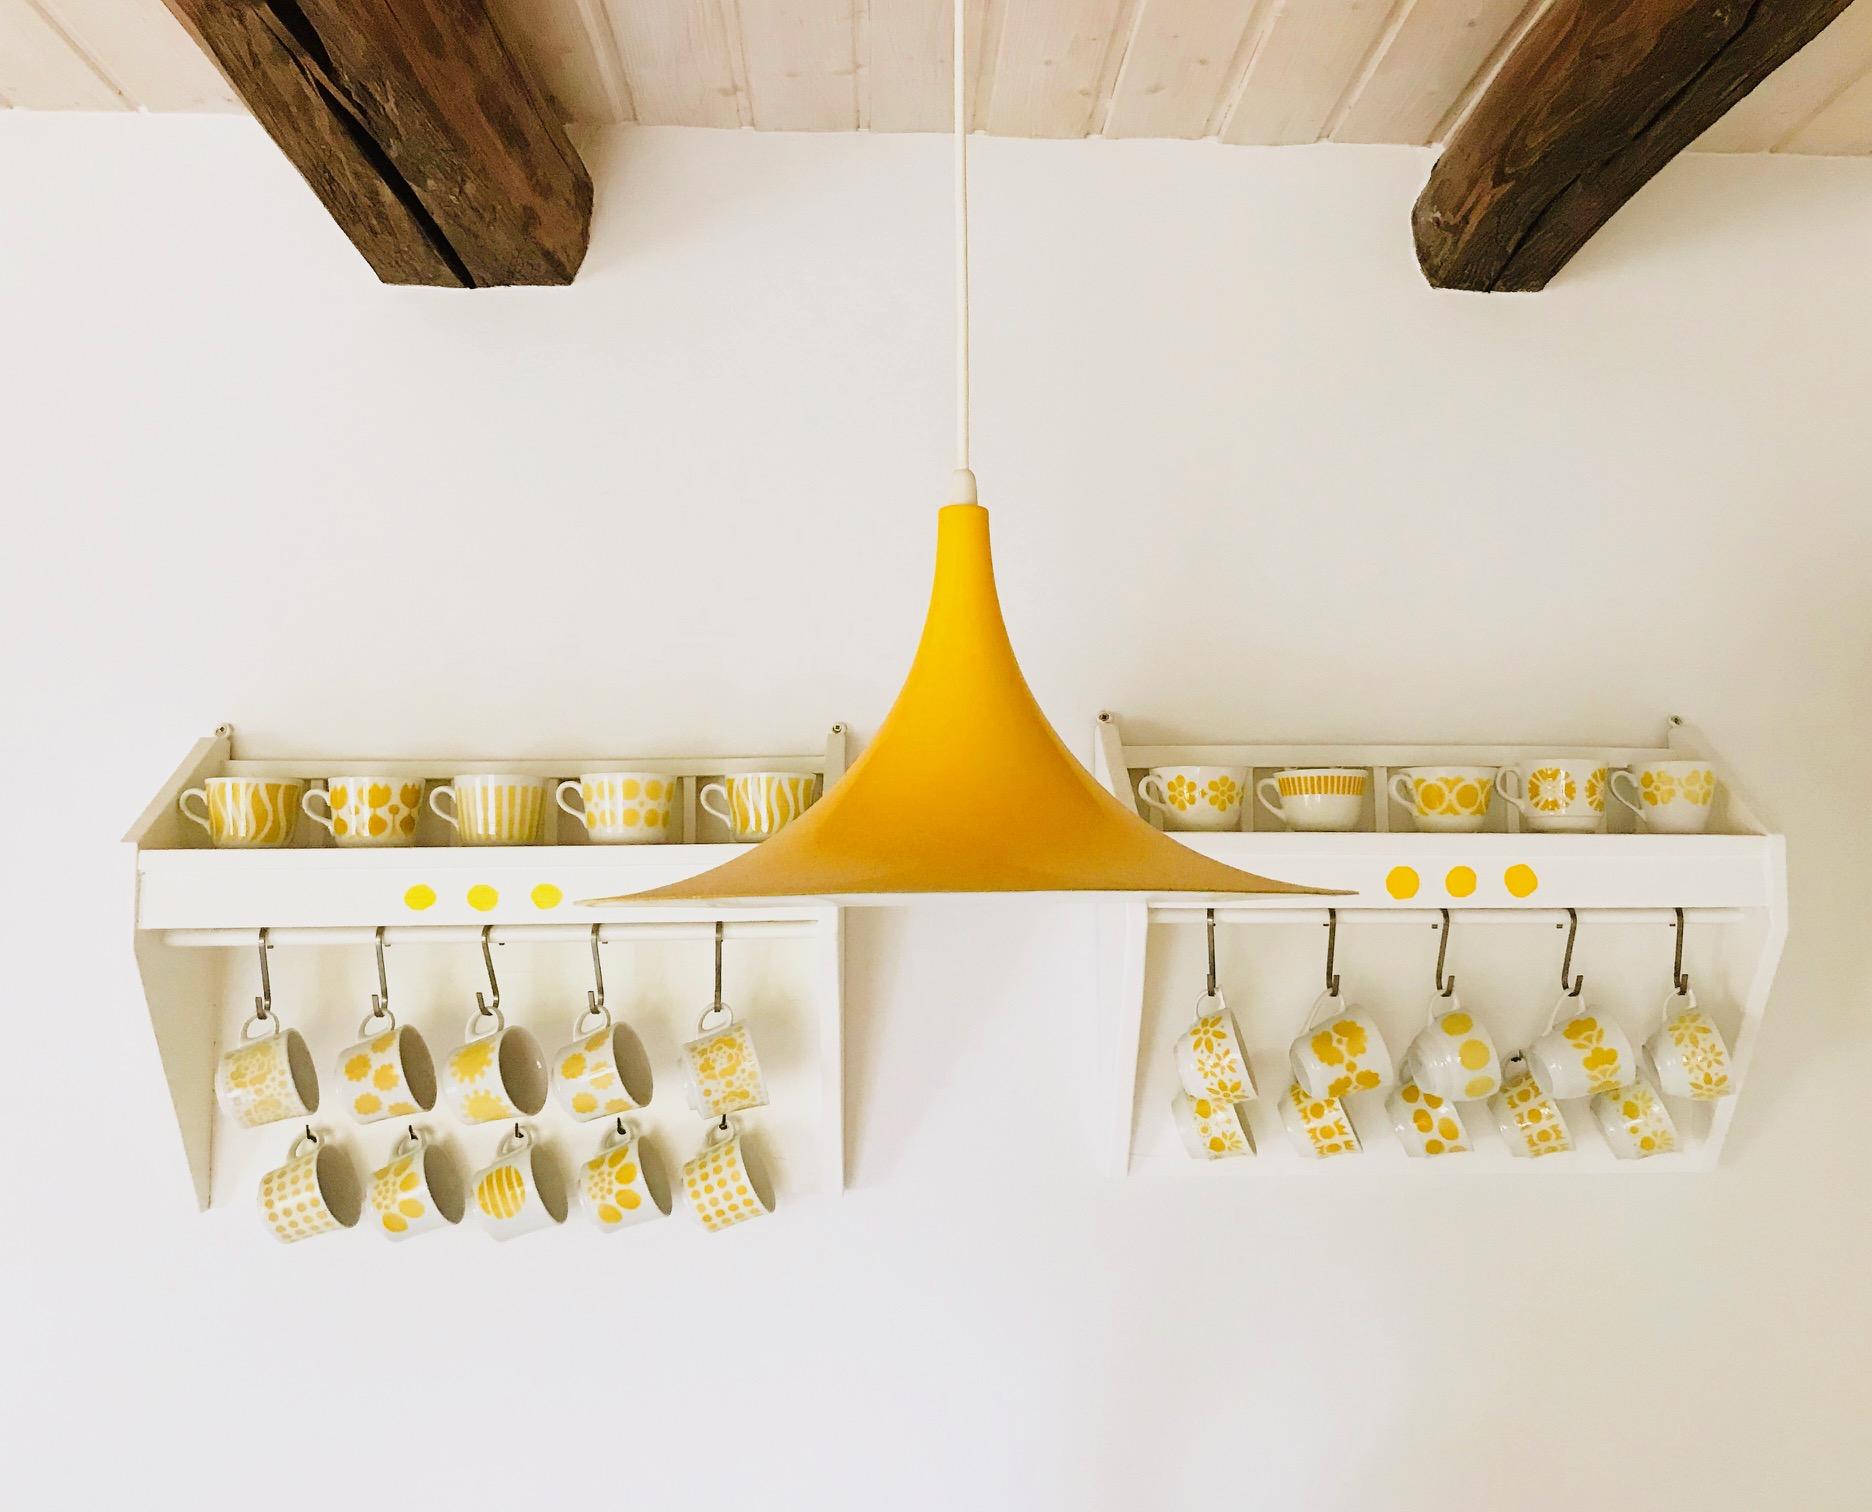 Keltainen lamppu ja kahvikupit